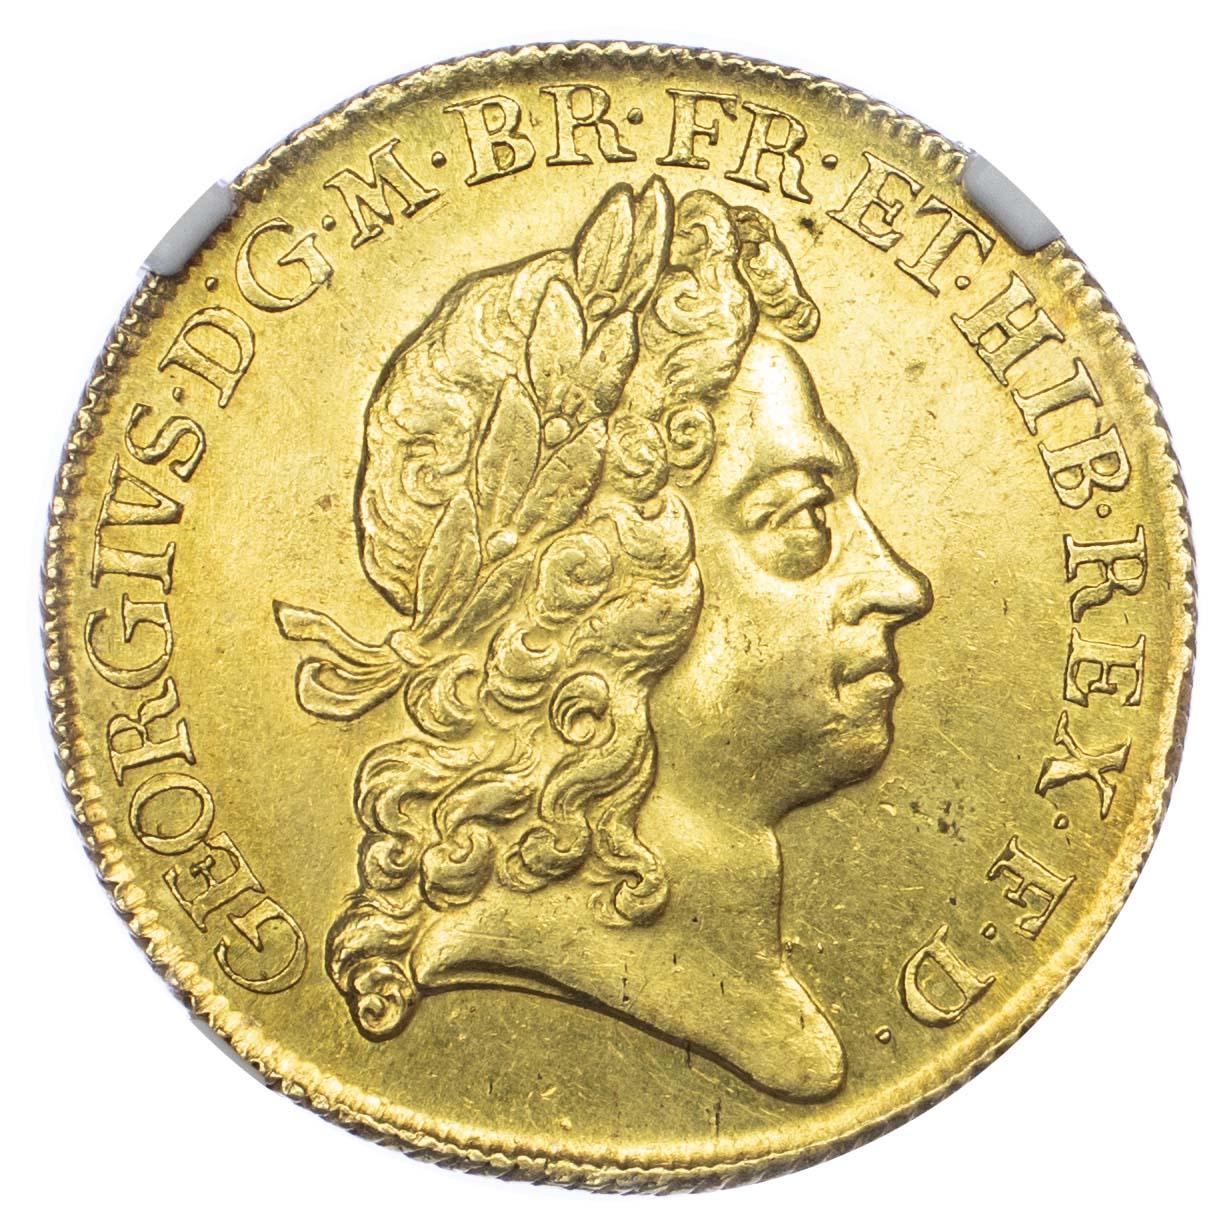 イギリス1717年ジョージ1世2ギニー金貨NGC MS63 最高鑑定画像